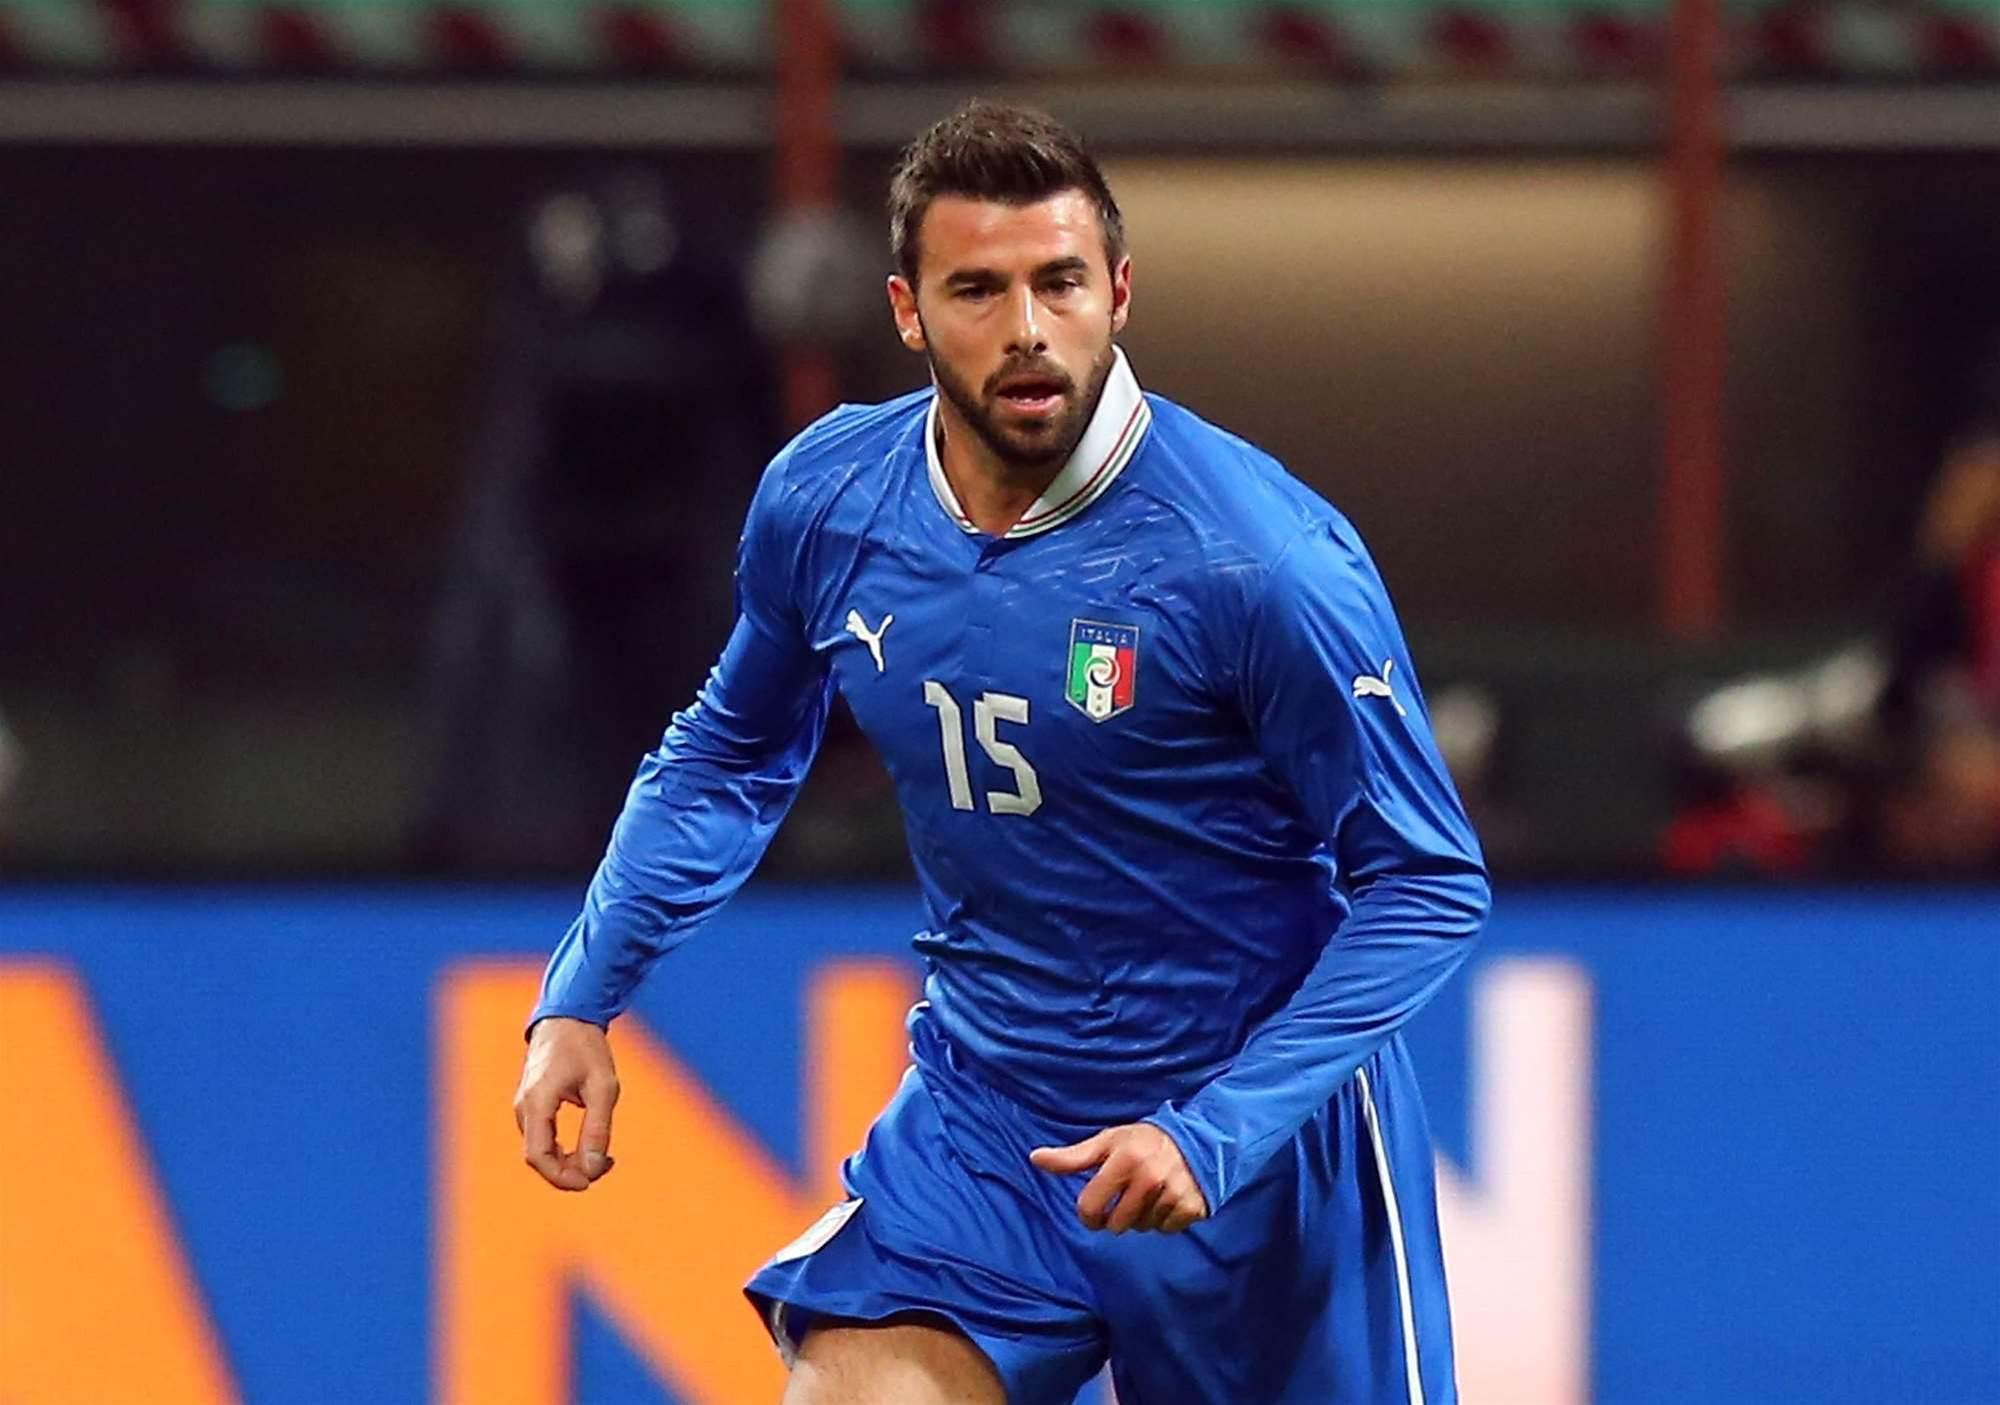 Juventus to monitor Barzagli injury